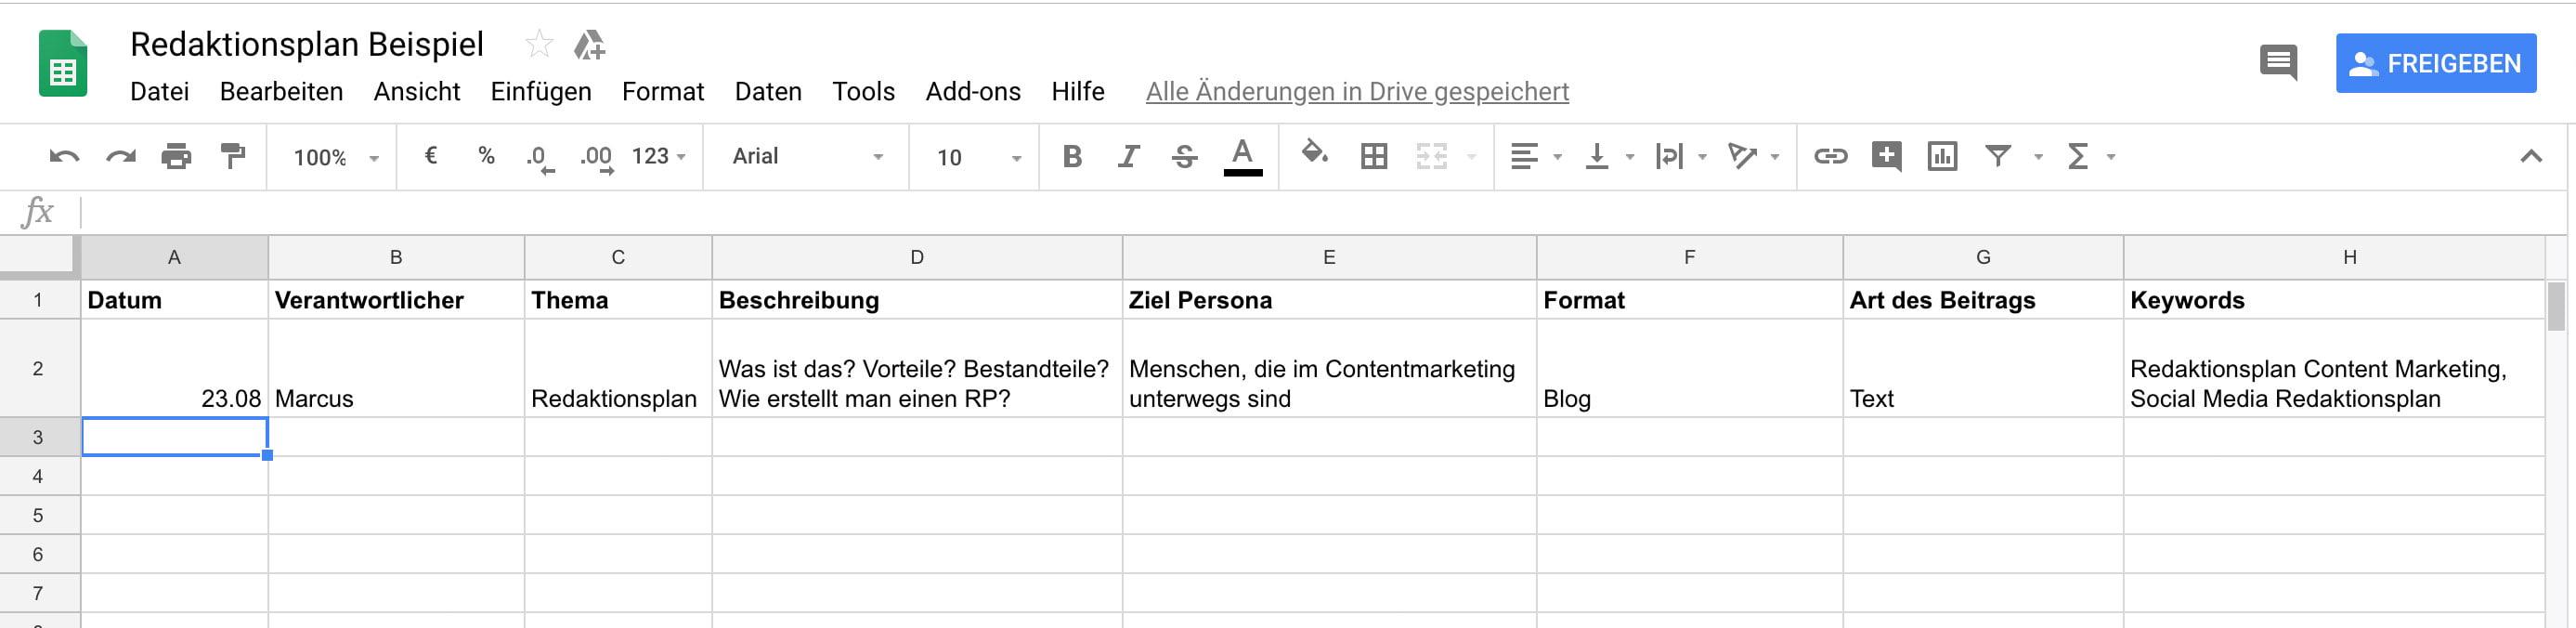 Redaktionsplan-Beispiel